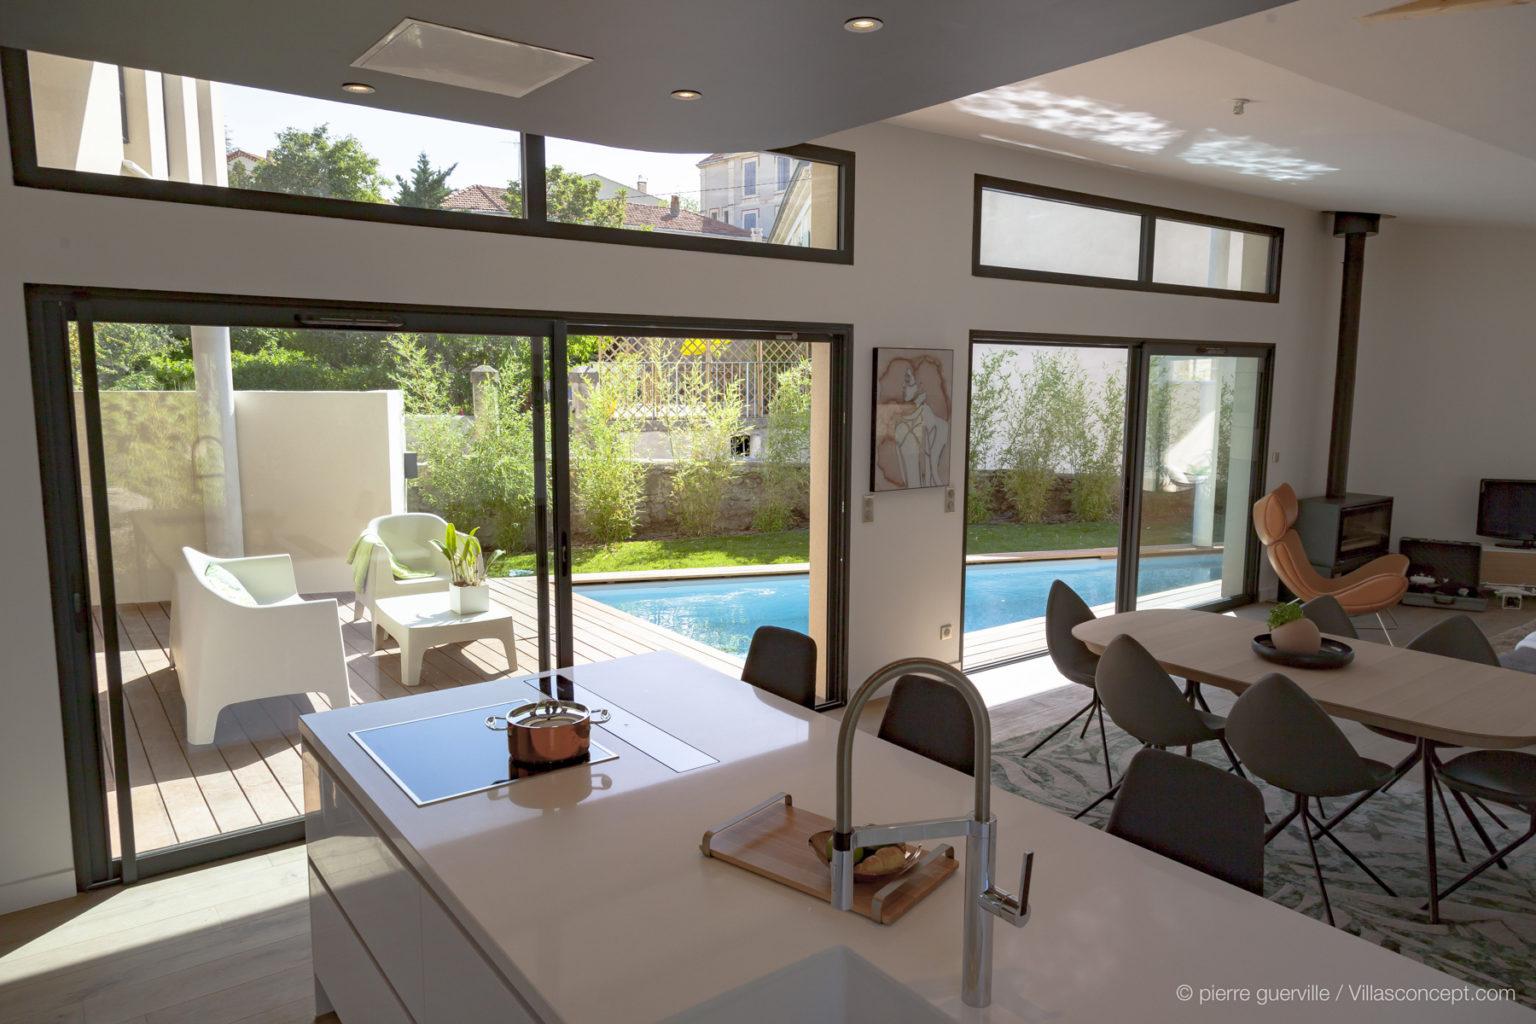 Villa-contemporaine-Nostra-Salon-de-provence-8867